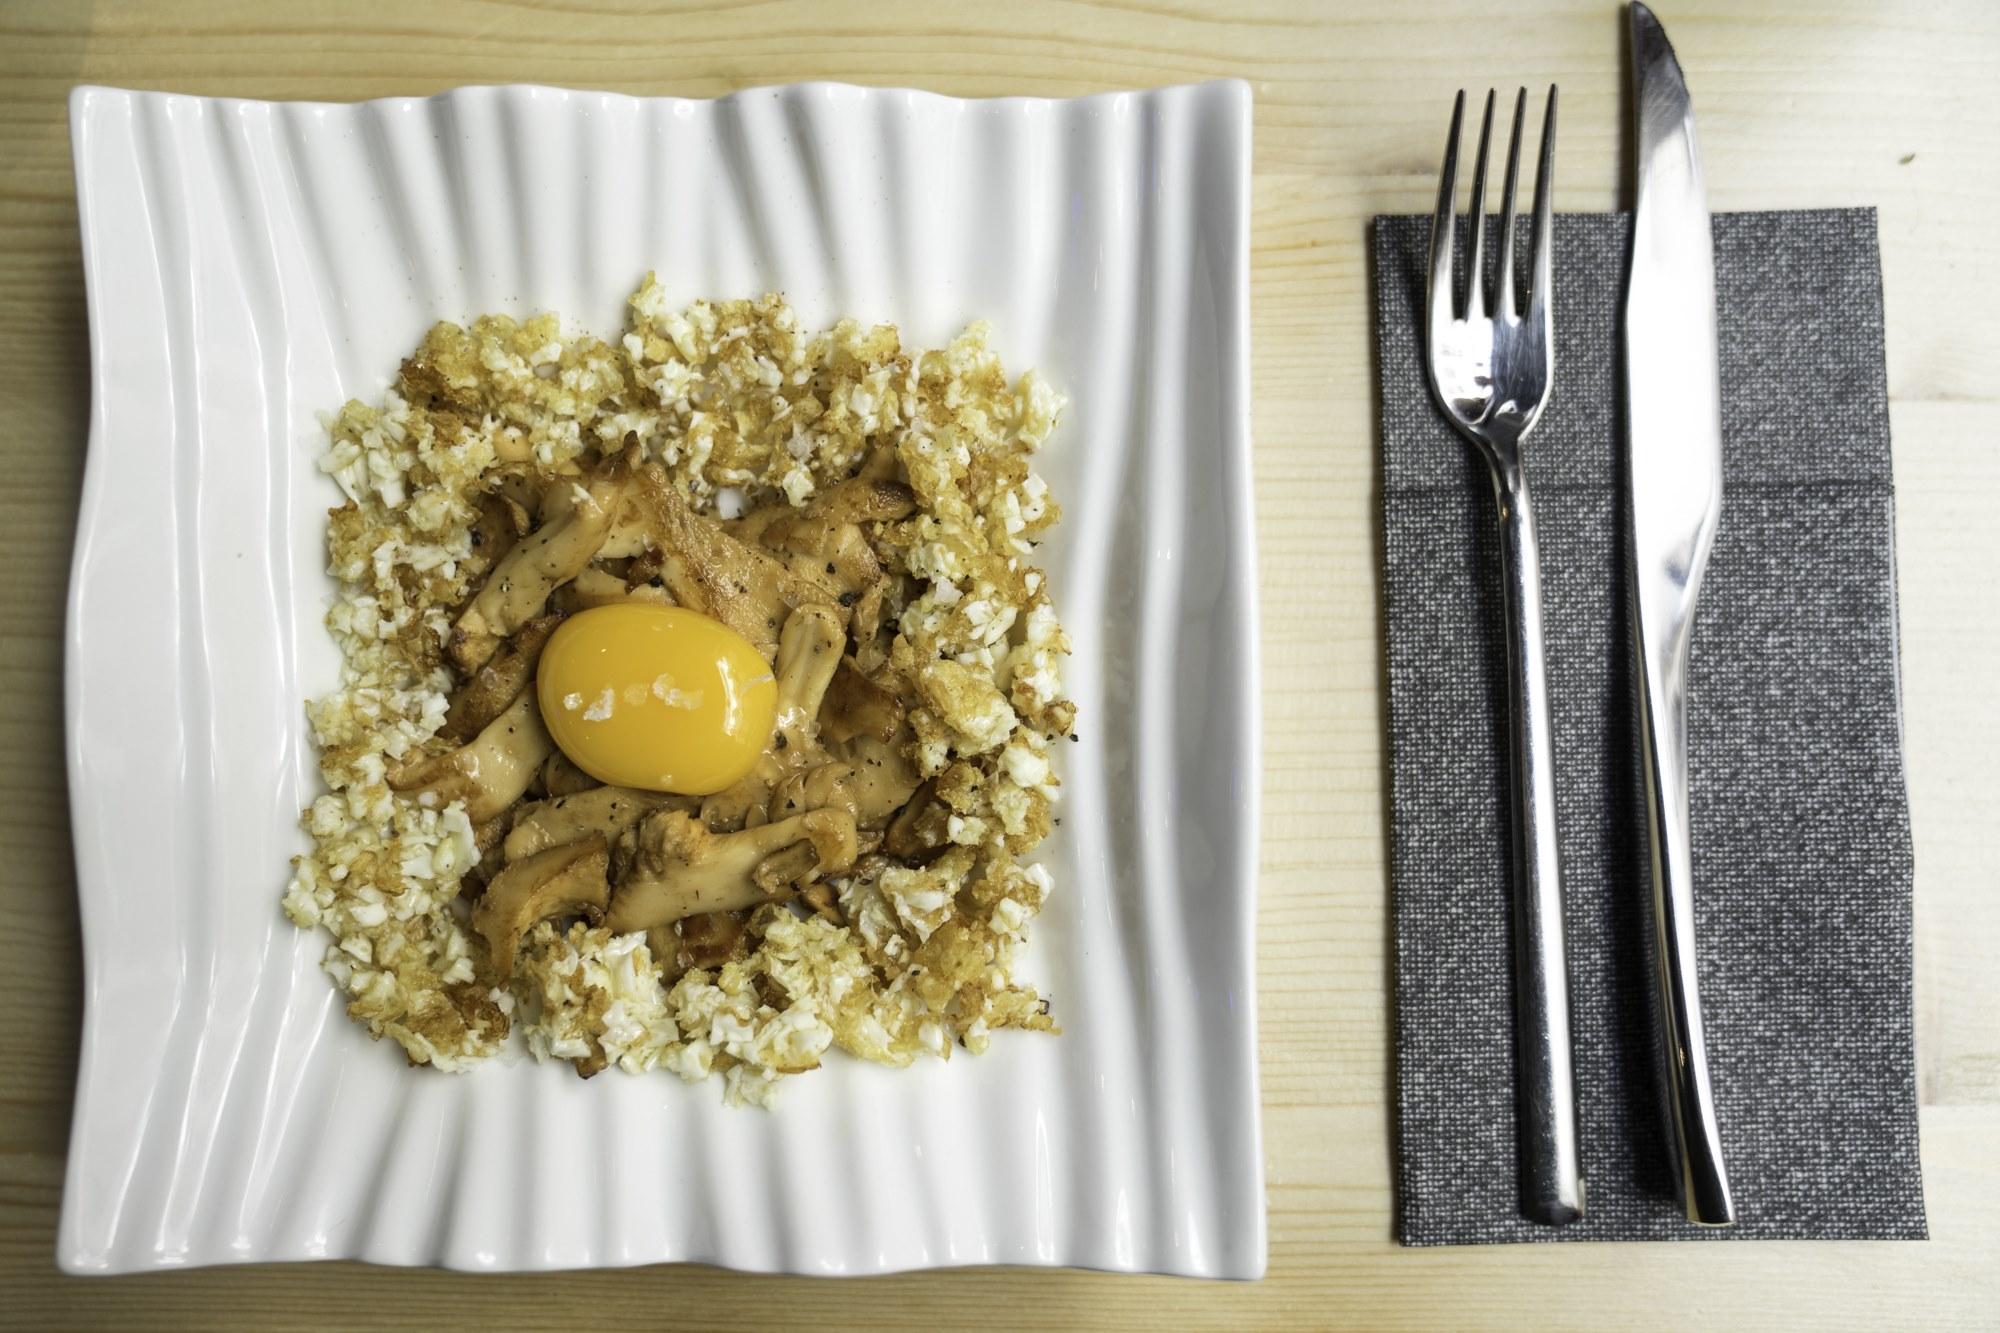 Lengua de vaca con yema de huevo de corral y su puntilla.